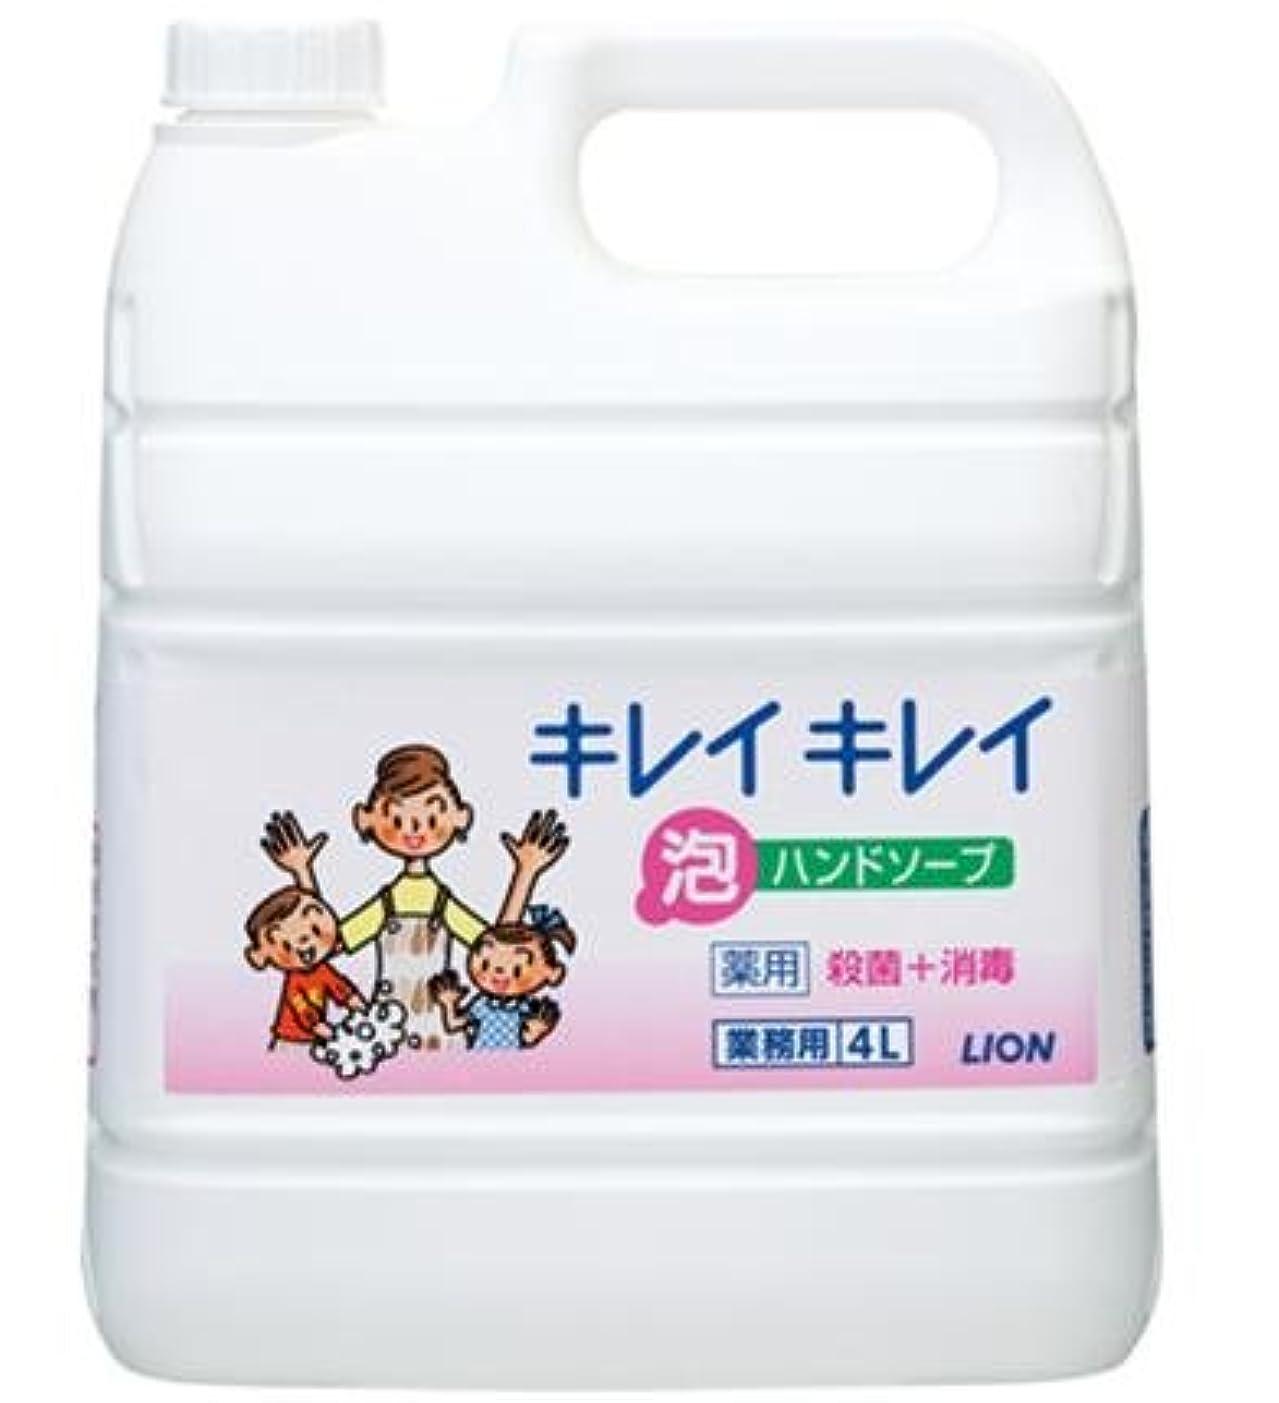 解釈的上昇文芸キレイキレイ薬用泡ハンドソープ 4Lボトル+専用泡容器250mLセット